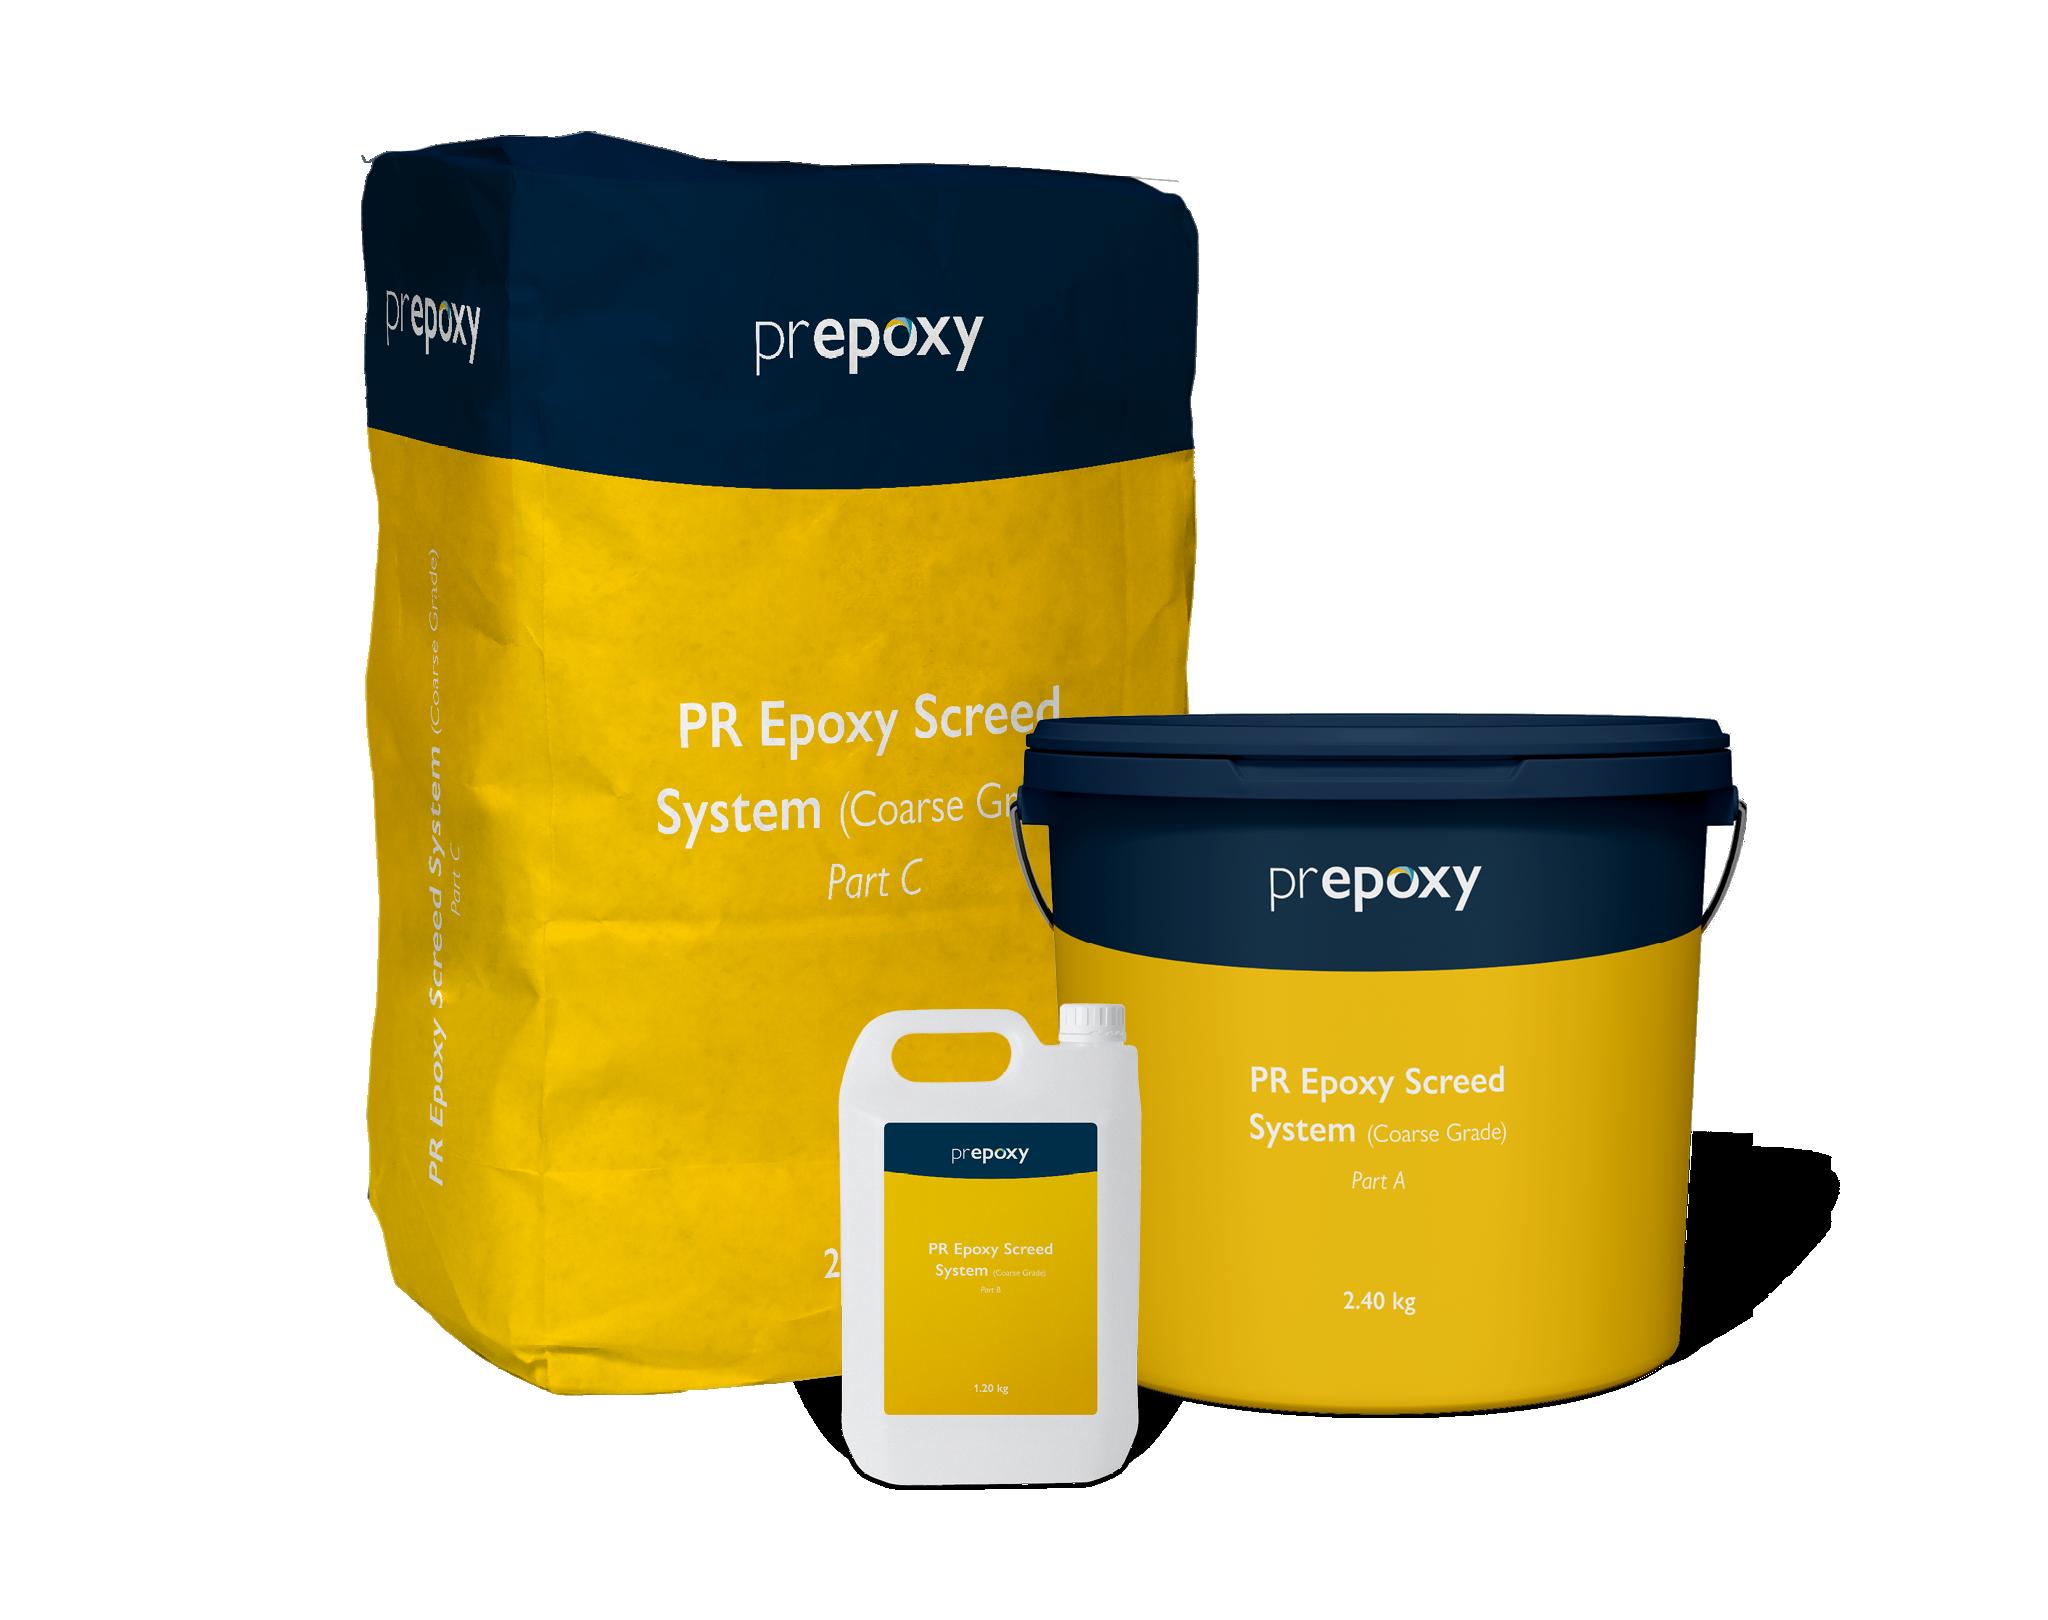 PR Epoxy Screed System (Coarse Grade)